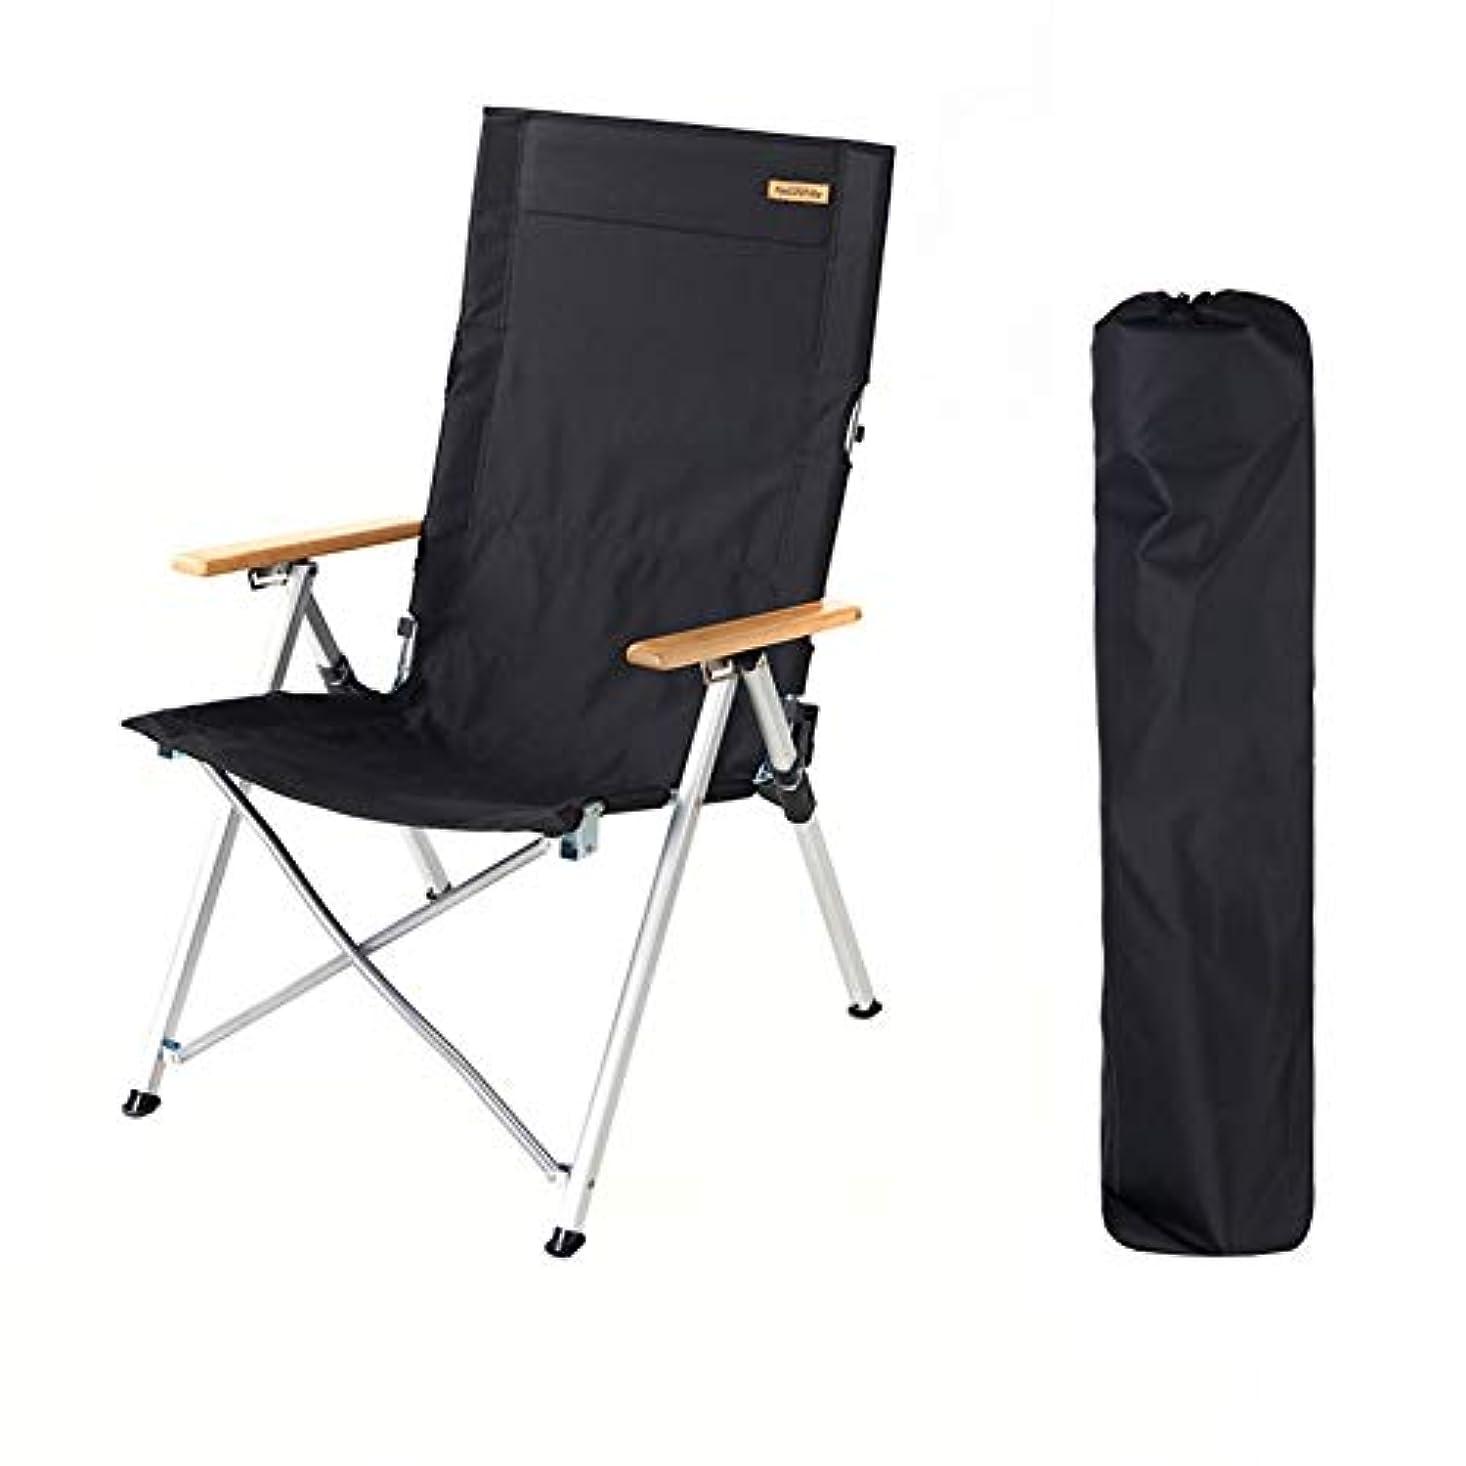 大気無実おばあさんアウトドアチェア アウトドアラウンジチェア、軽量折りたたみチェア、ガーデン/キャンプ/旅行/釣り/ハイキング/ピクニック/公園/屋外での使用